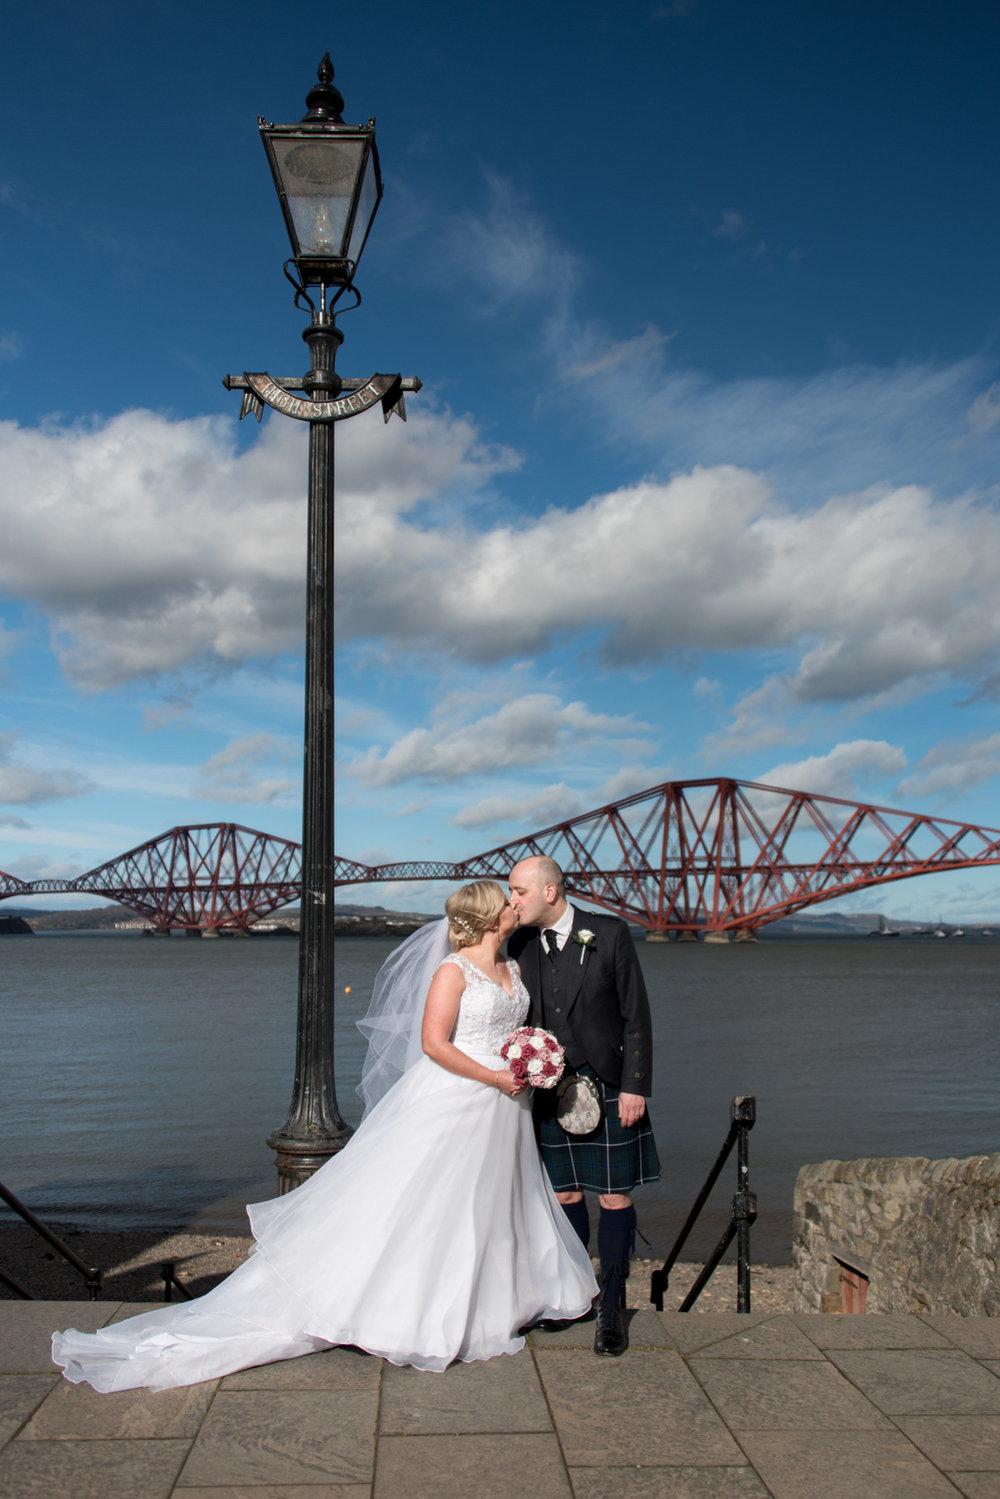 Orocco Pier Wedding - bride and groom bridge photo